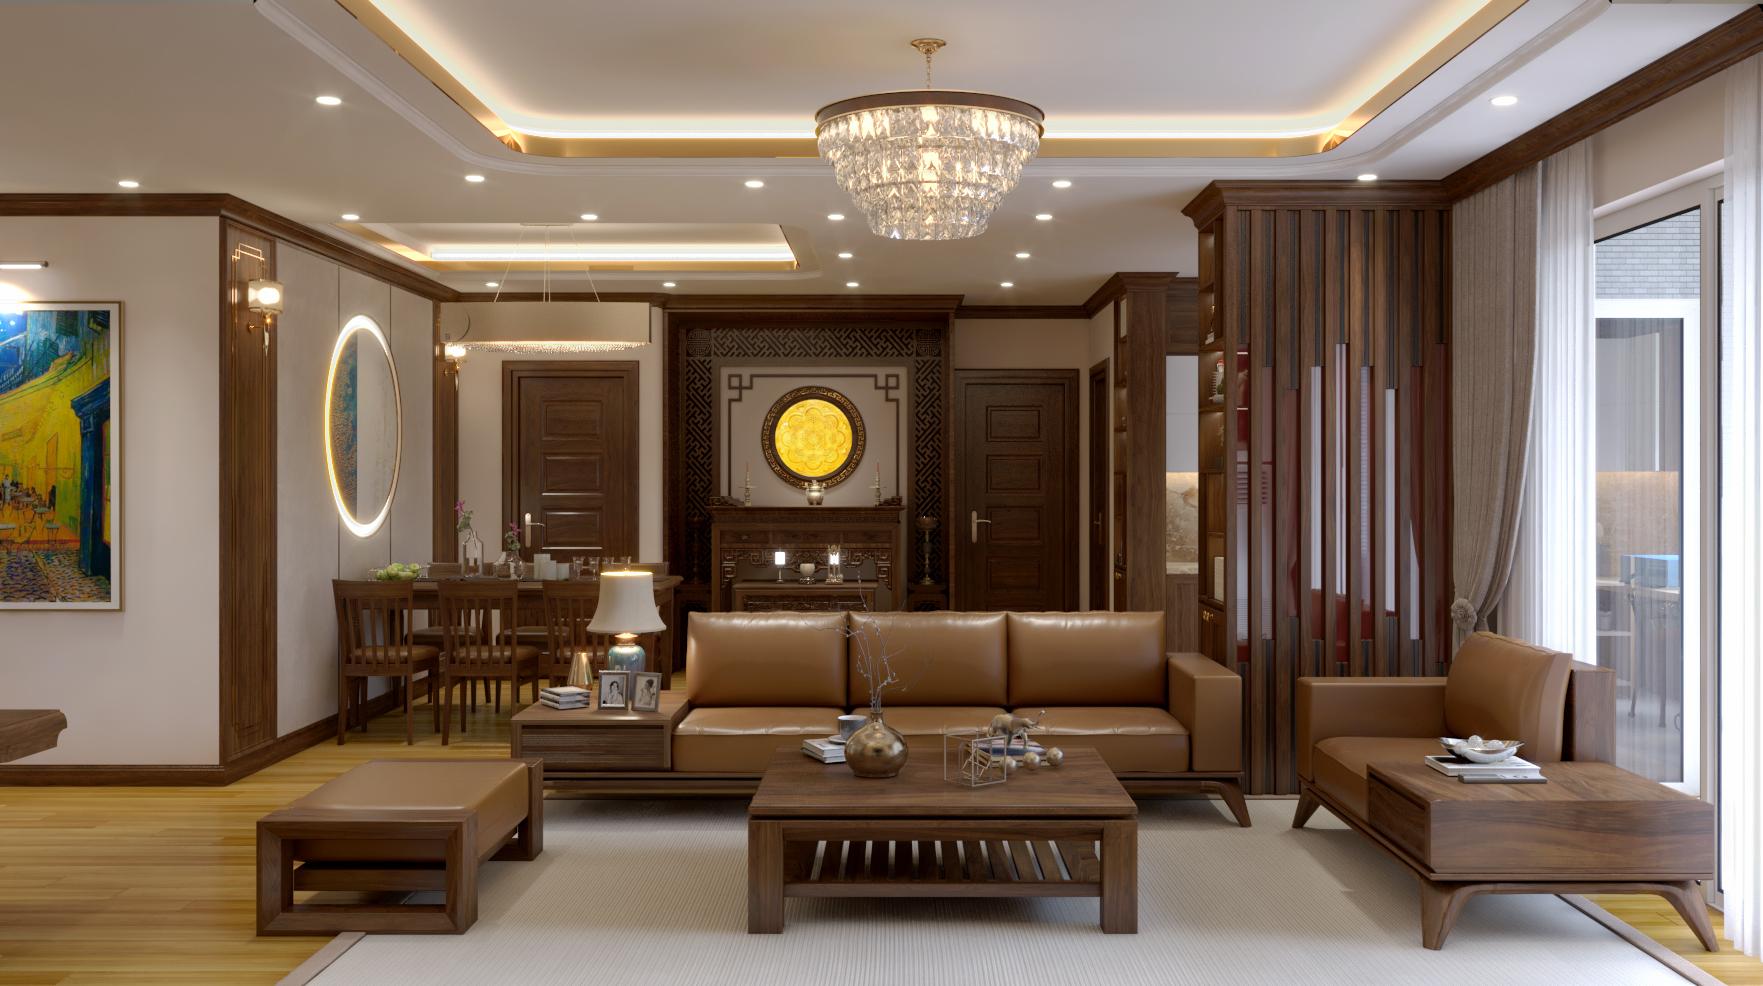 Thiết kế nội thất Chung Cư tại Hà Nội Chung cư Nguyễn Chánh 1630592346 6